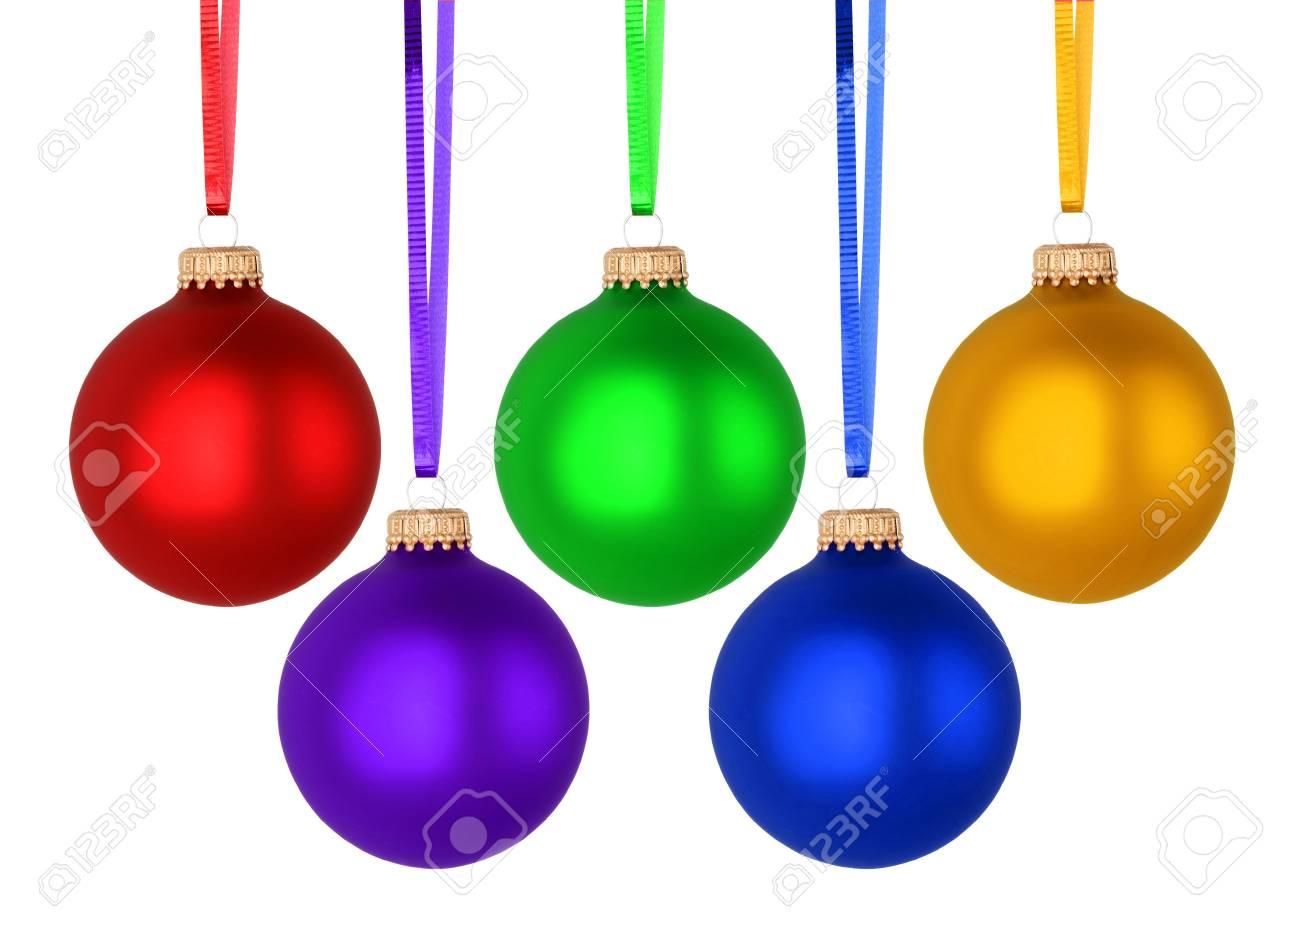 Colorful Christmas Balls.Set Of Colorful Christmas Balls